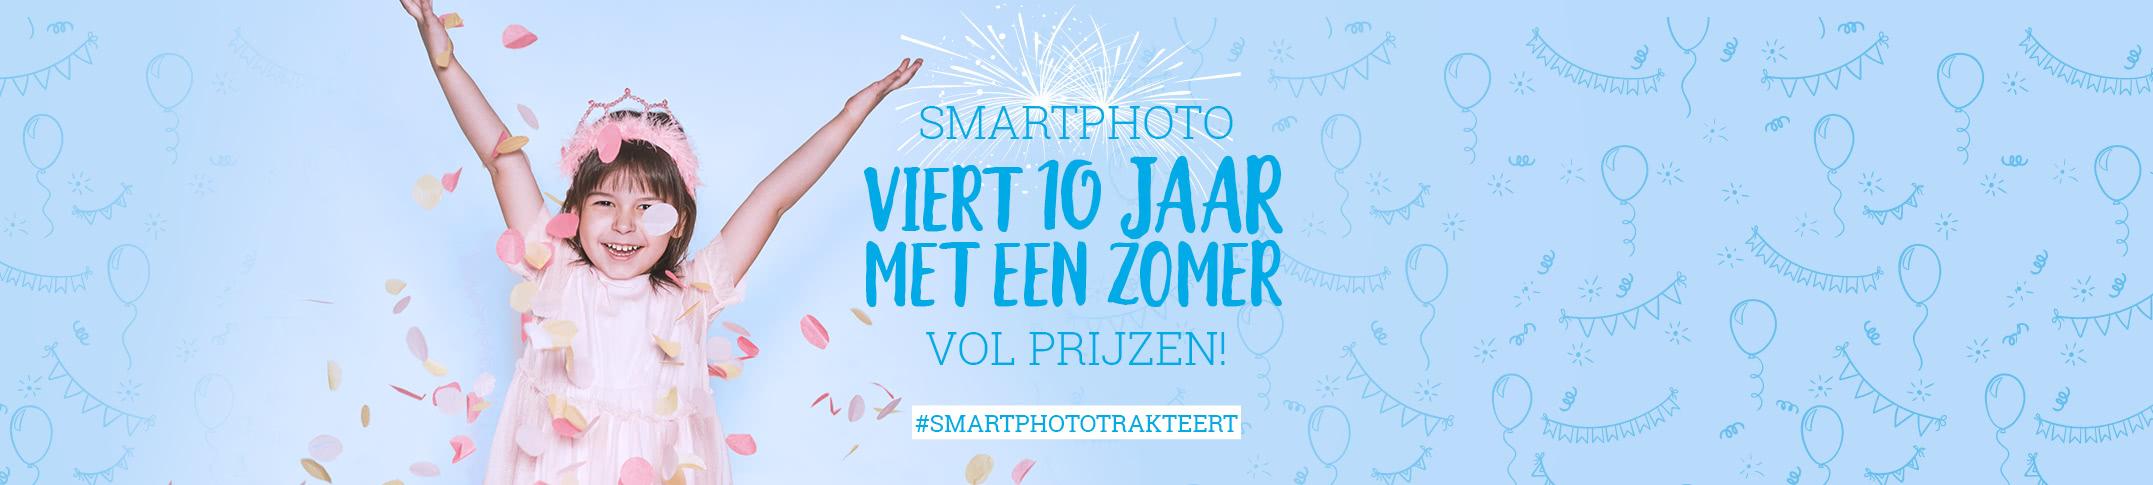 smartphoto trakteert op een zomer vol prijzen!